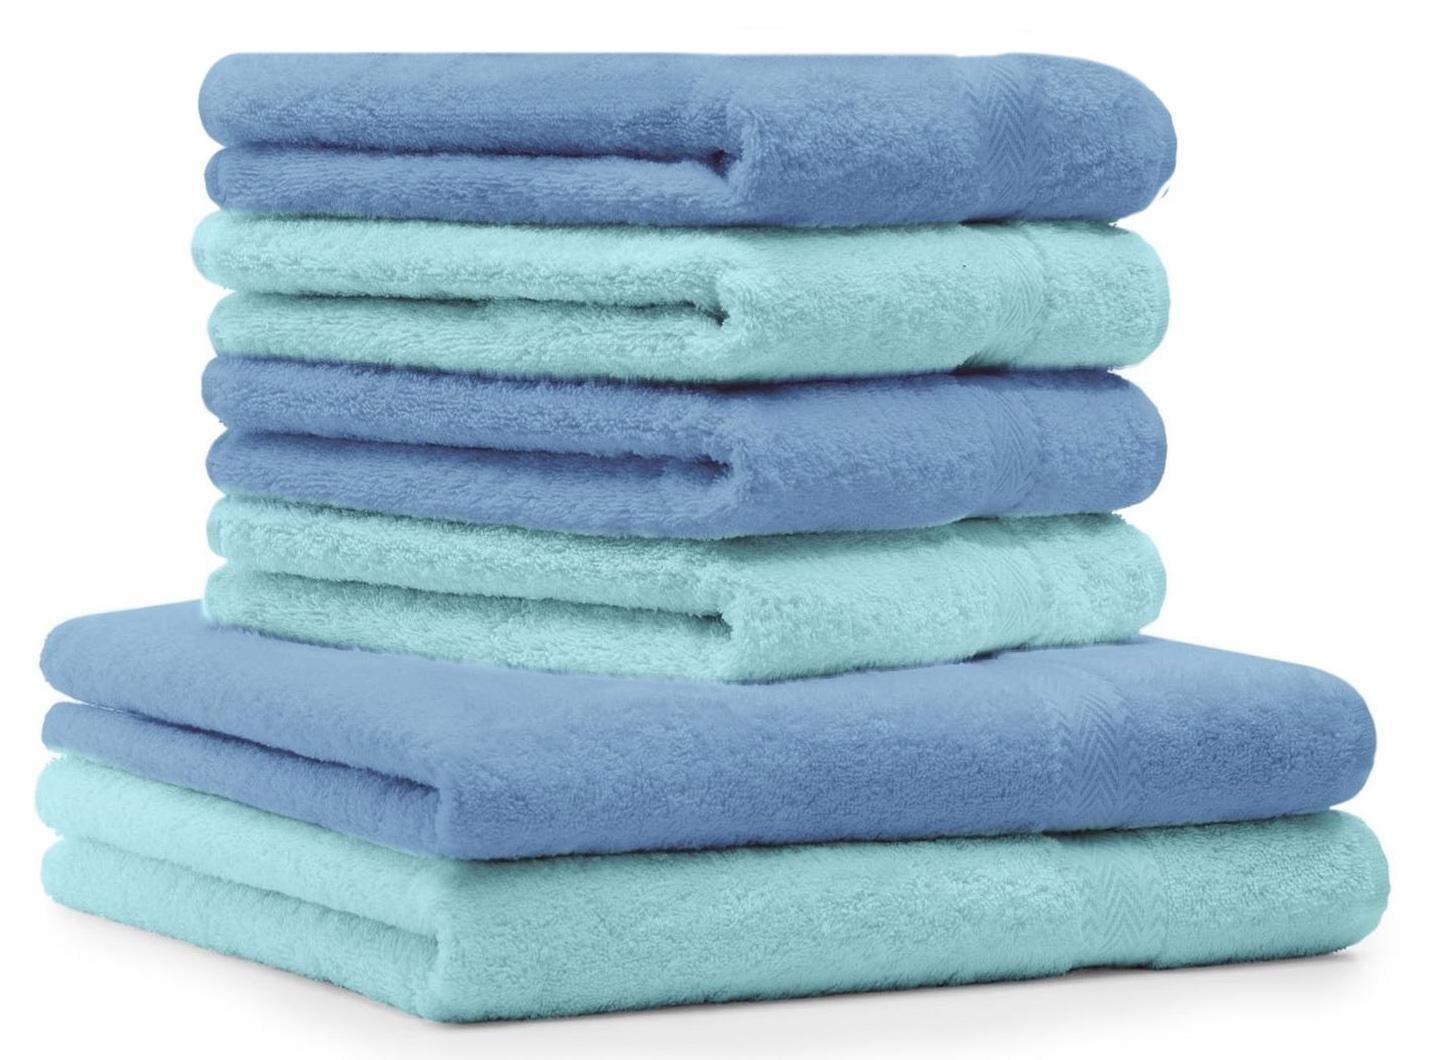 betz 6 tlg handtuch set premium 100 umwolle 2. Black Bedroom Furniture Sets. Home Design Ideas